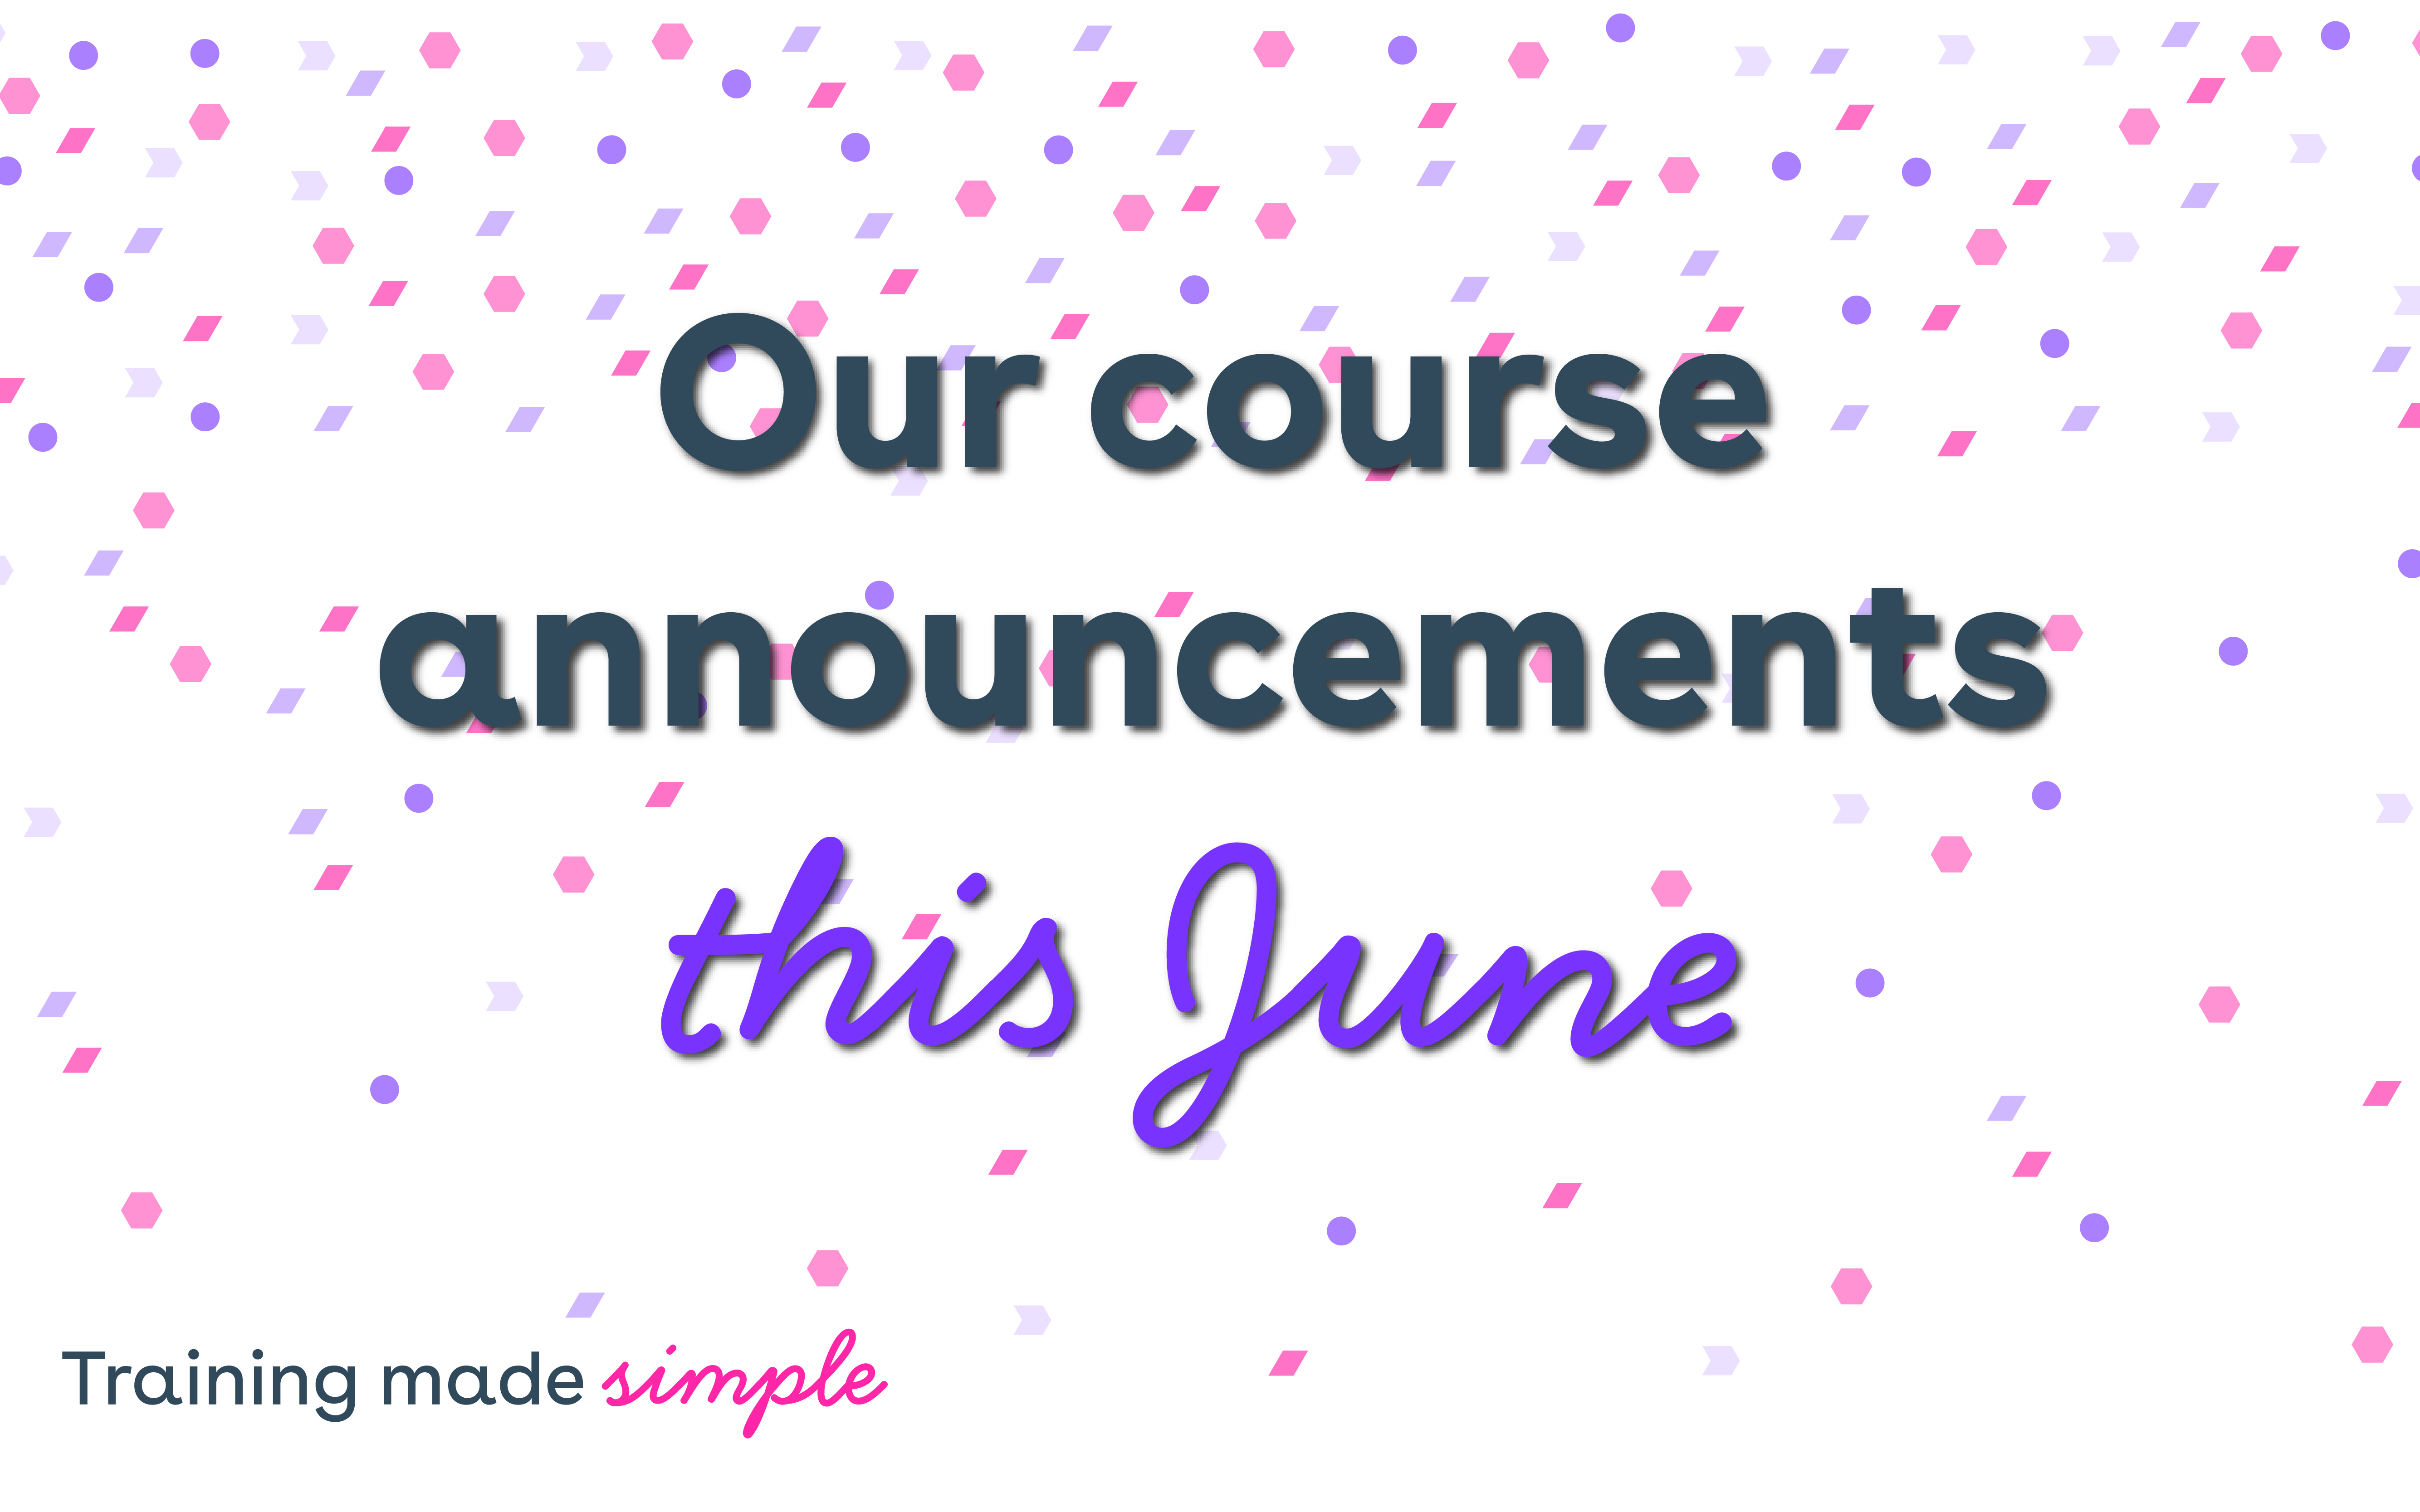 June Course Announcements